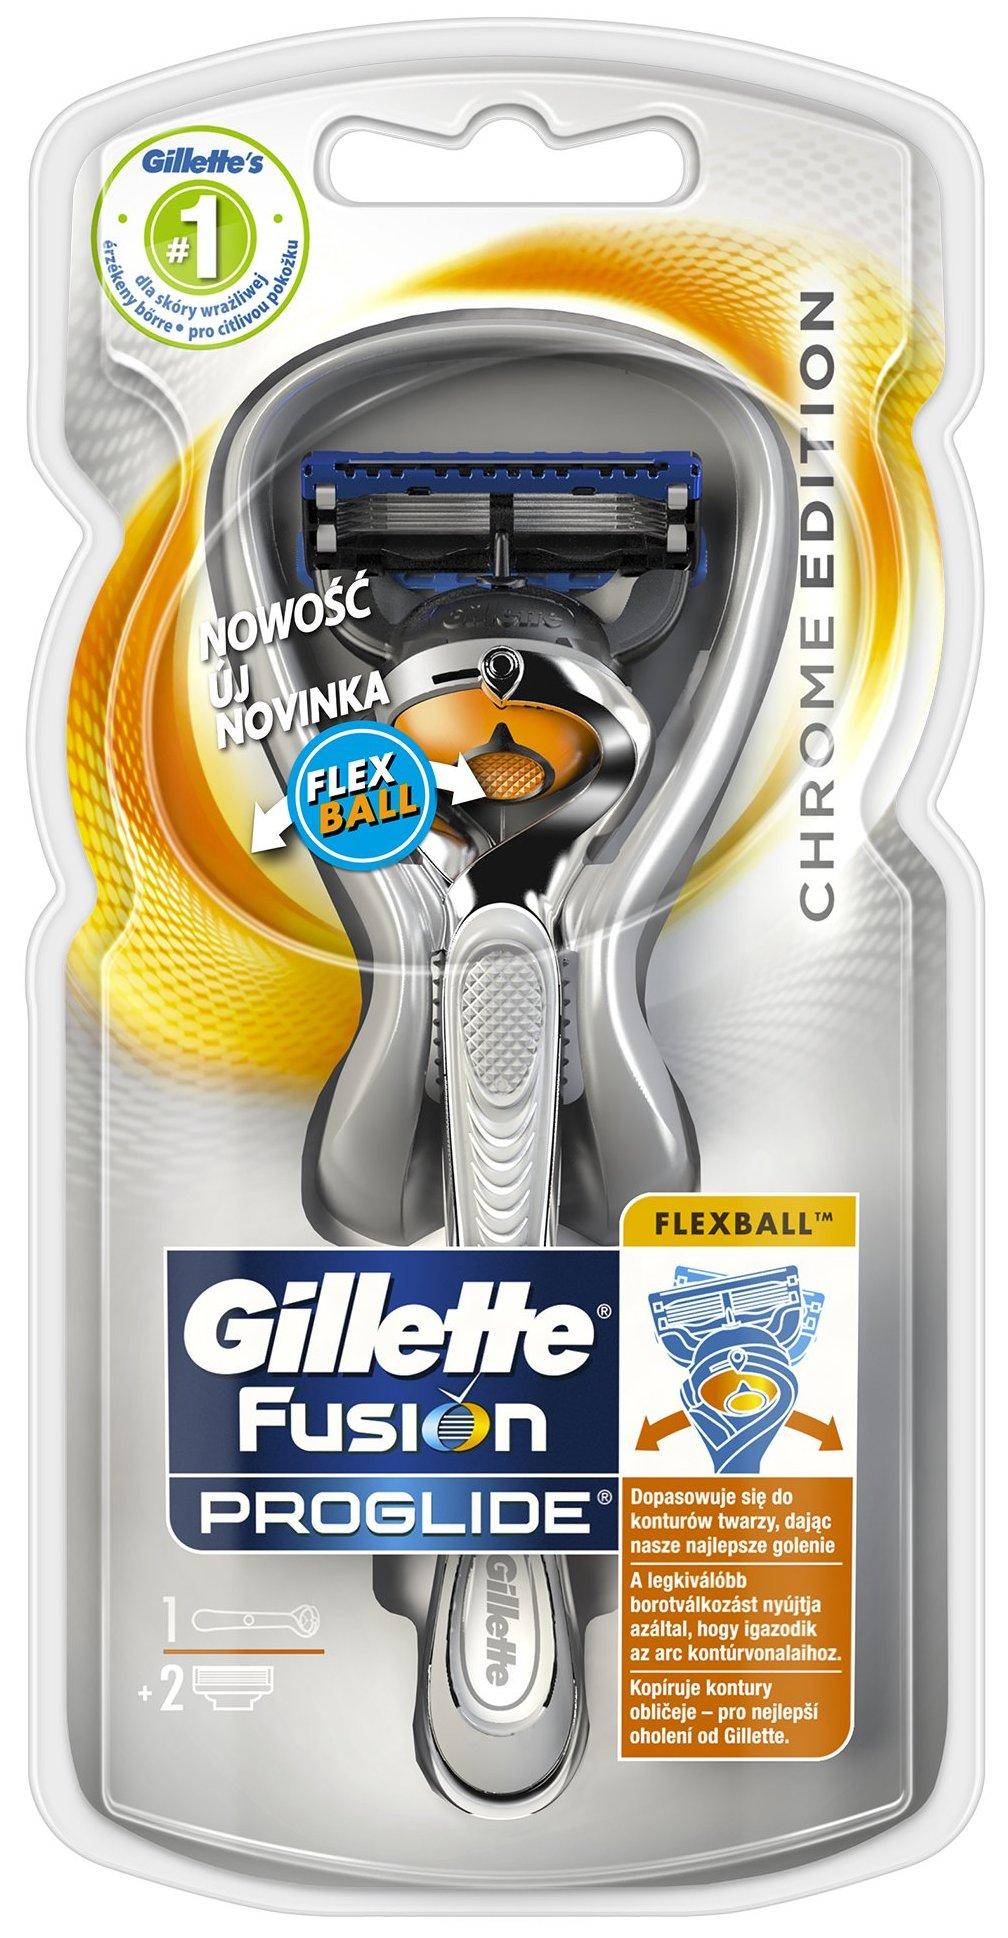 Gillette Fusion Proglide Flexball Silver holící strojek pro muže 1 kus + náhradní hlavice 2 kusy